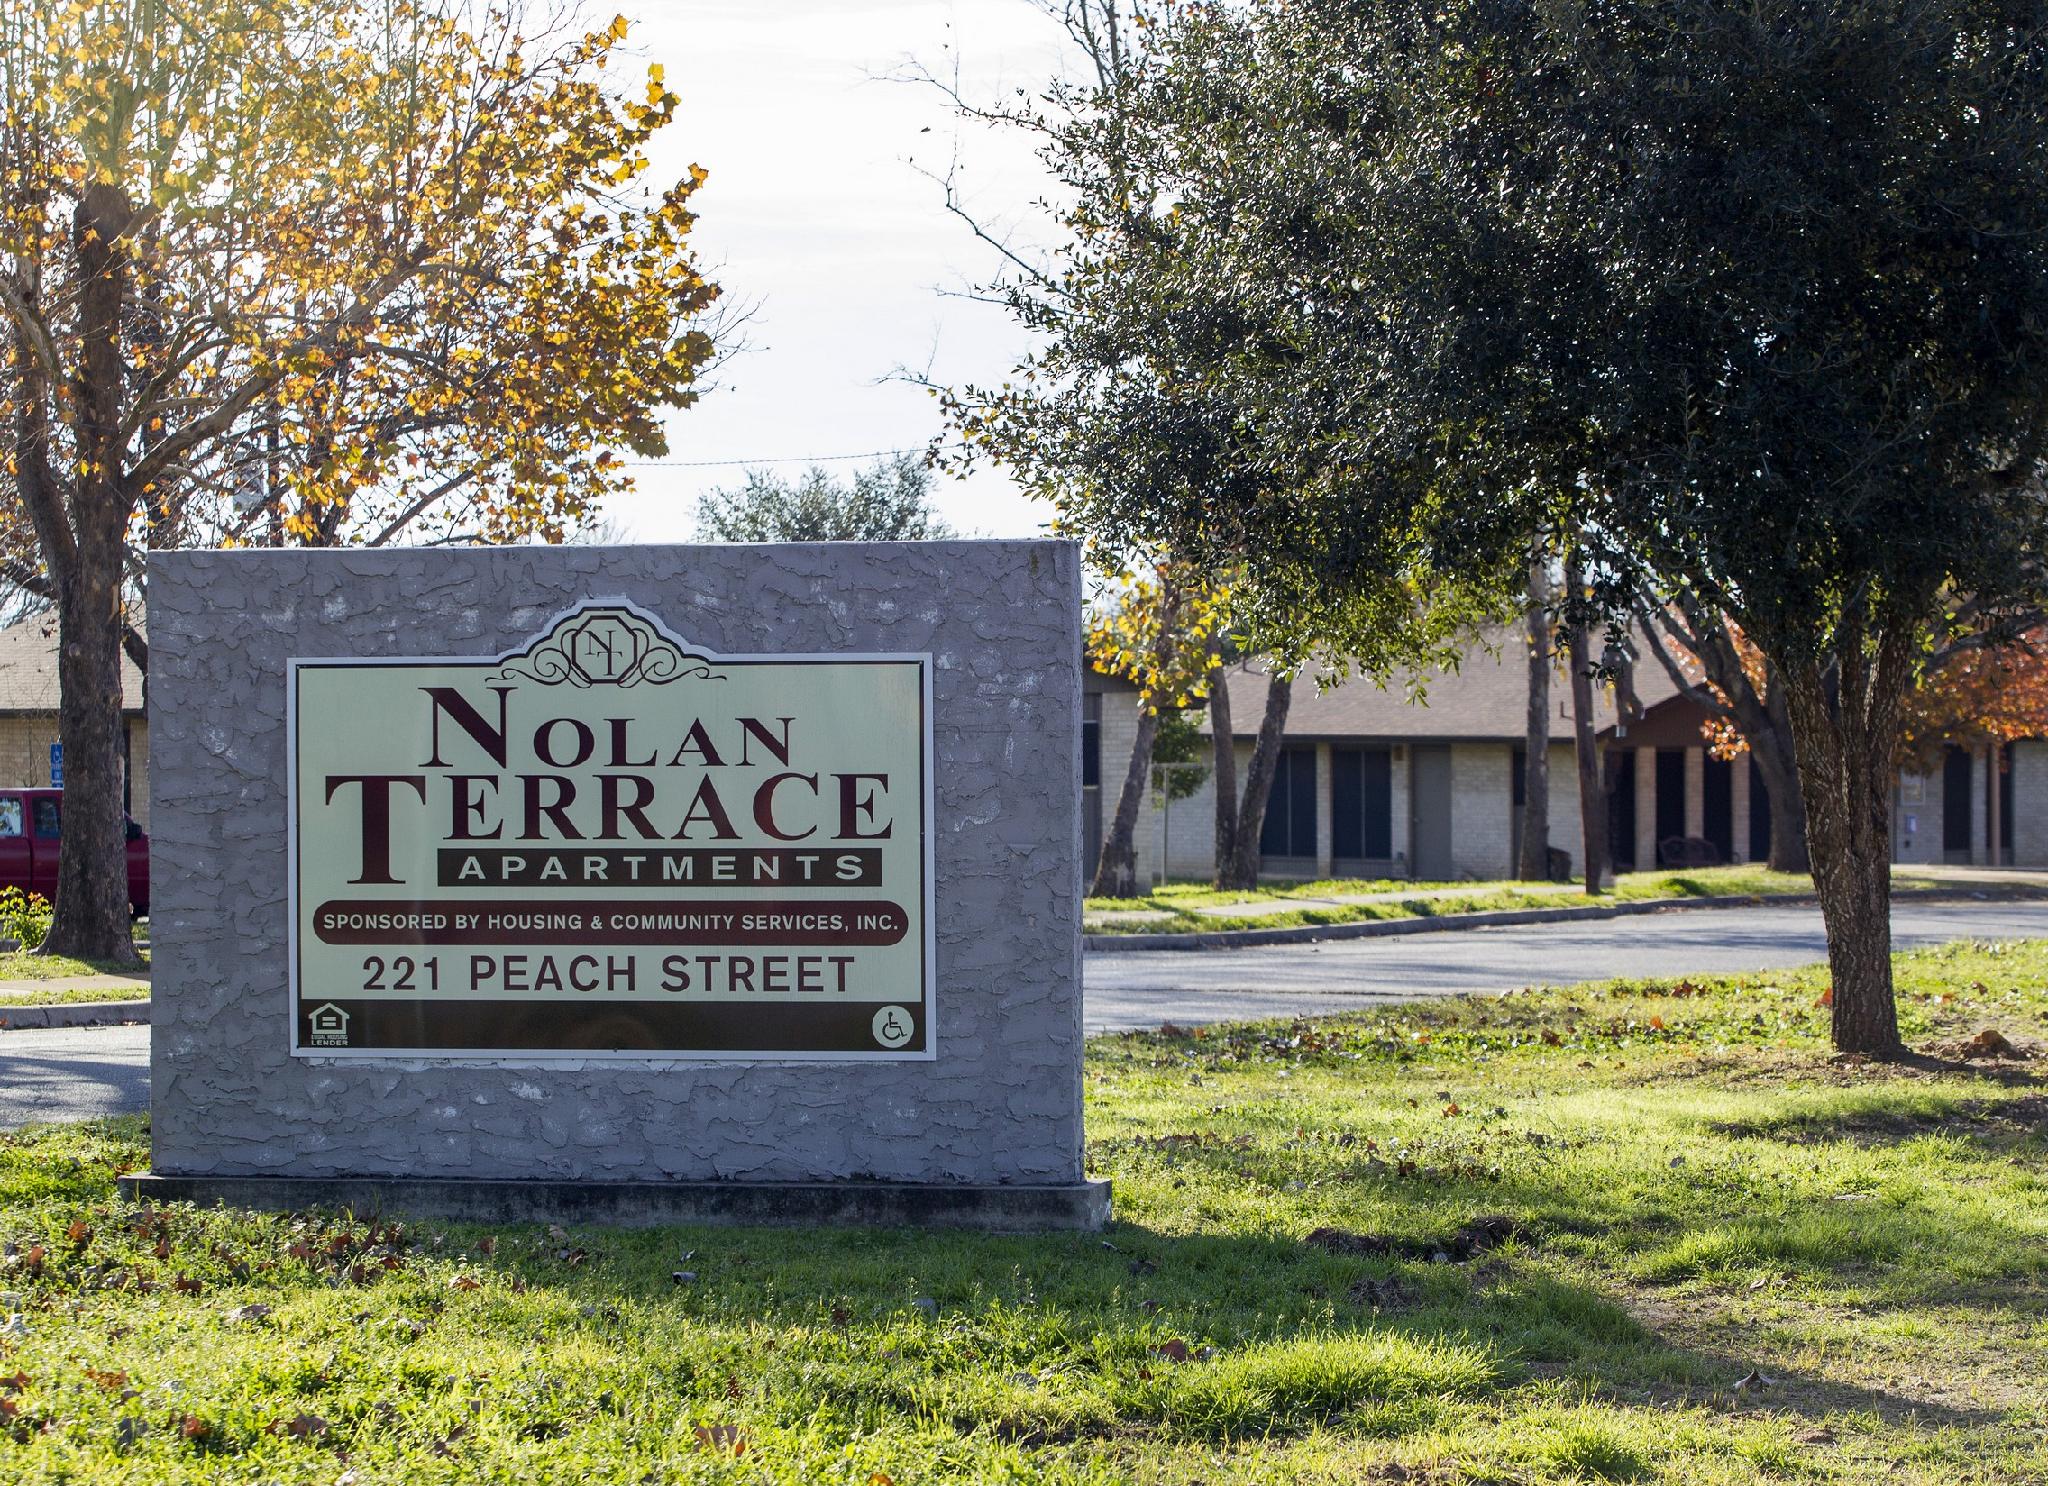 Nolan Terrace